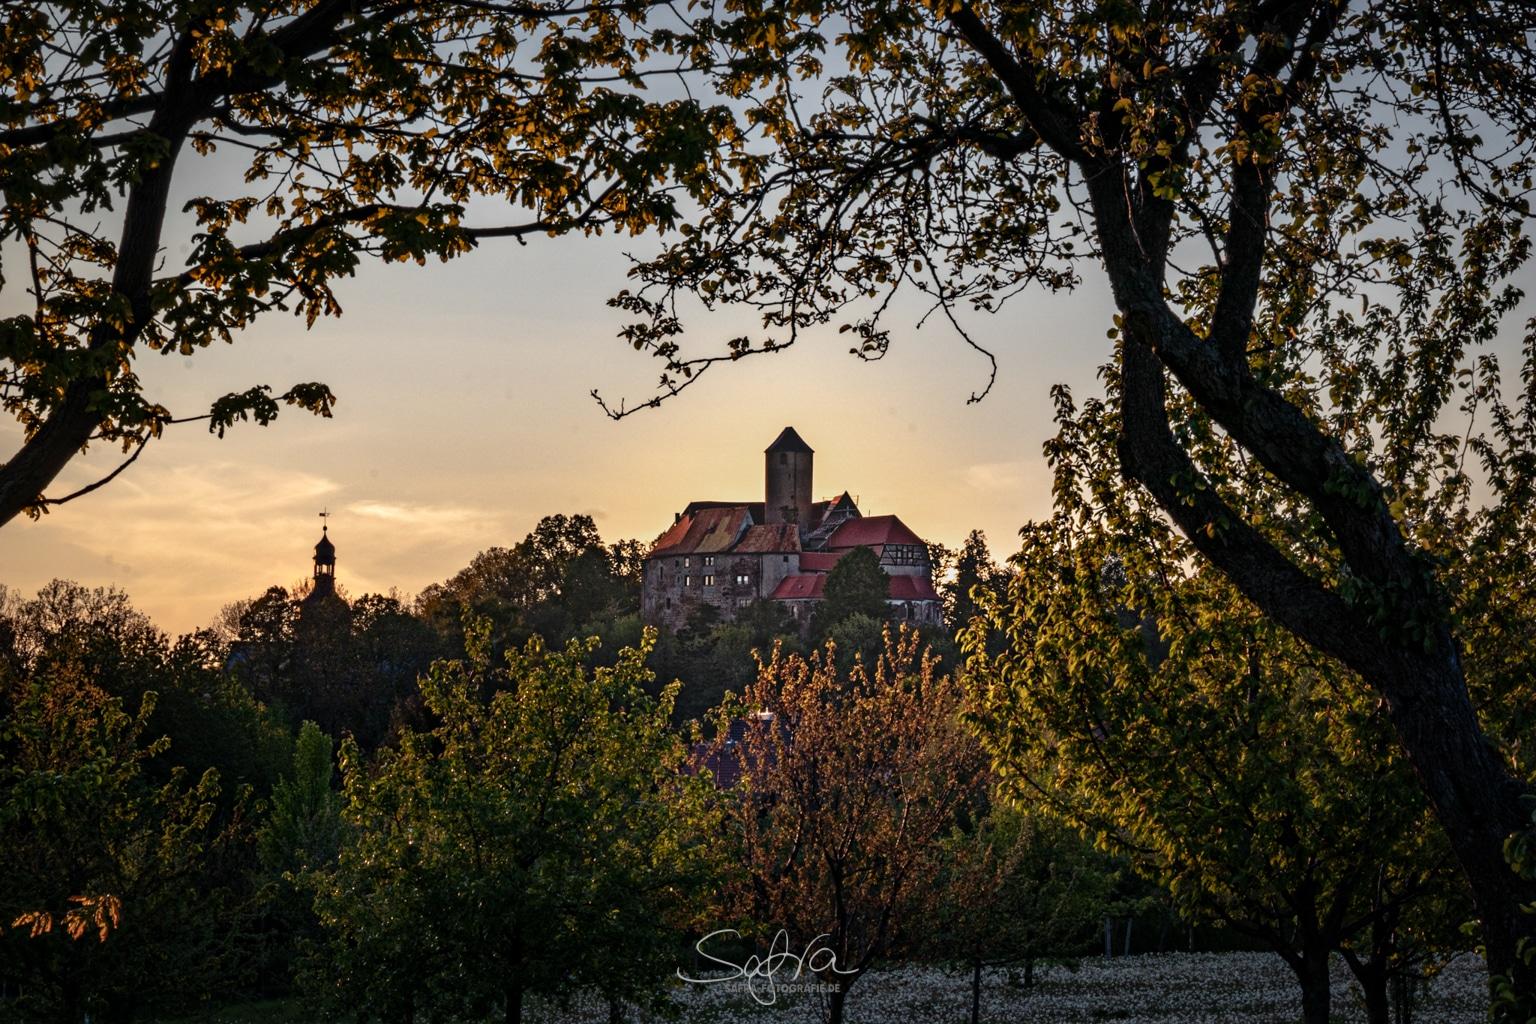 Schönfels, Burg über Obstbäumen